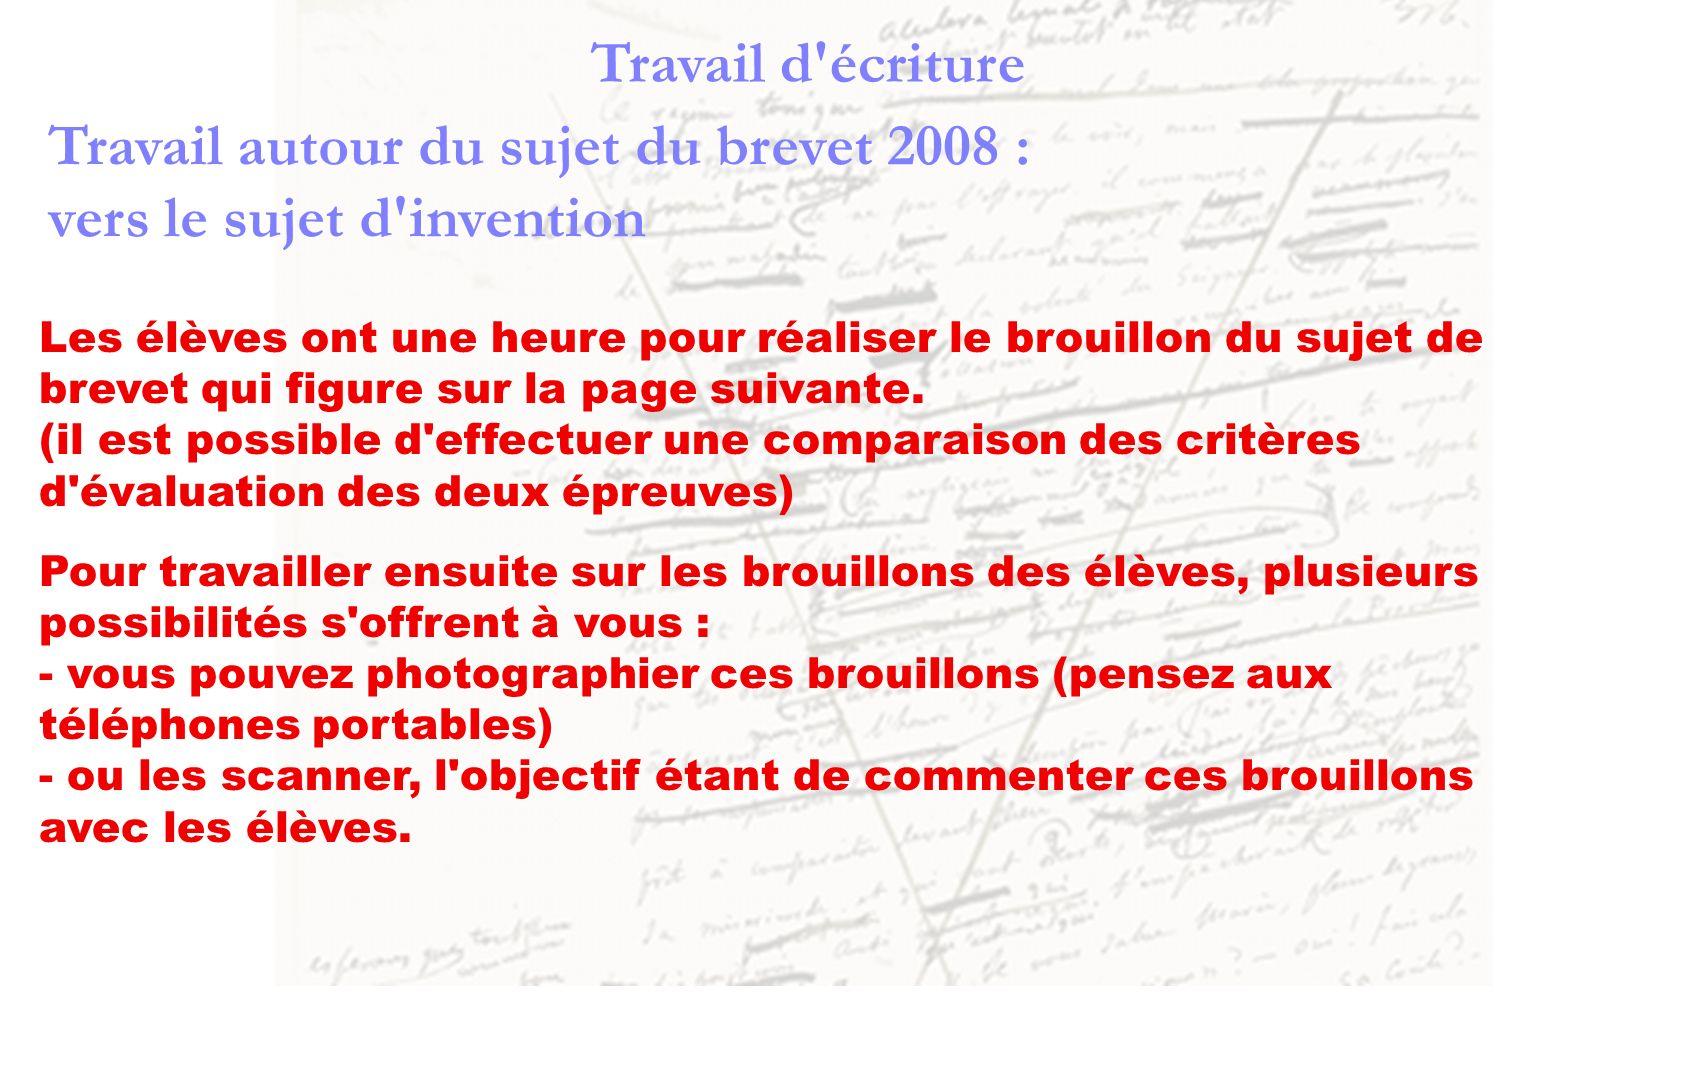 Deuxième partie (15 points)Rédaction - sujet du brevet 2008: La révolte a lieu.